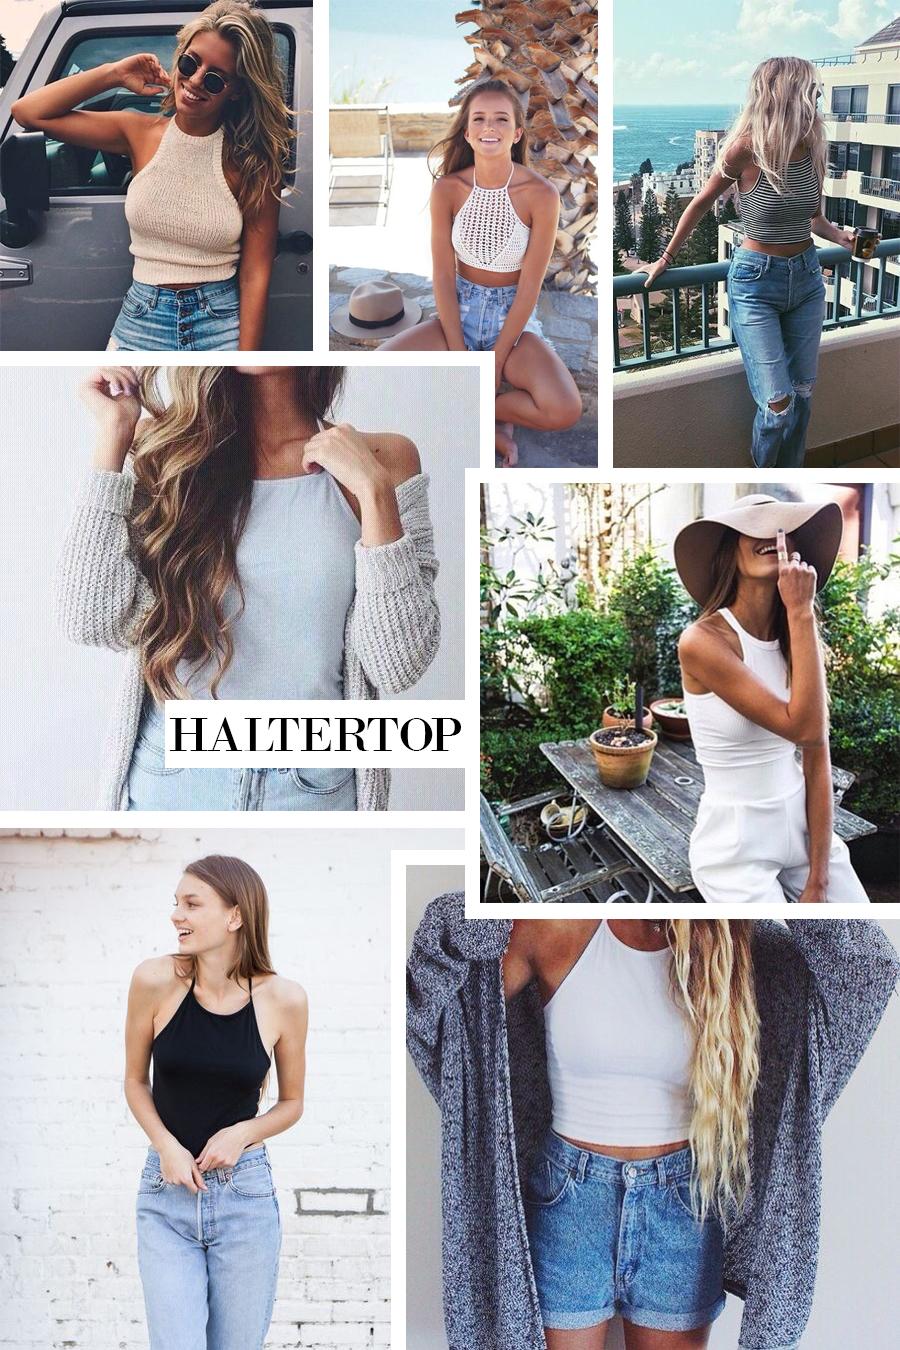 haltertop